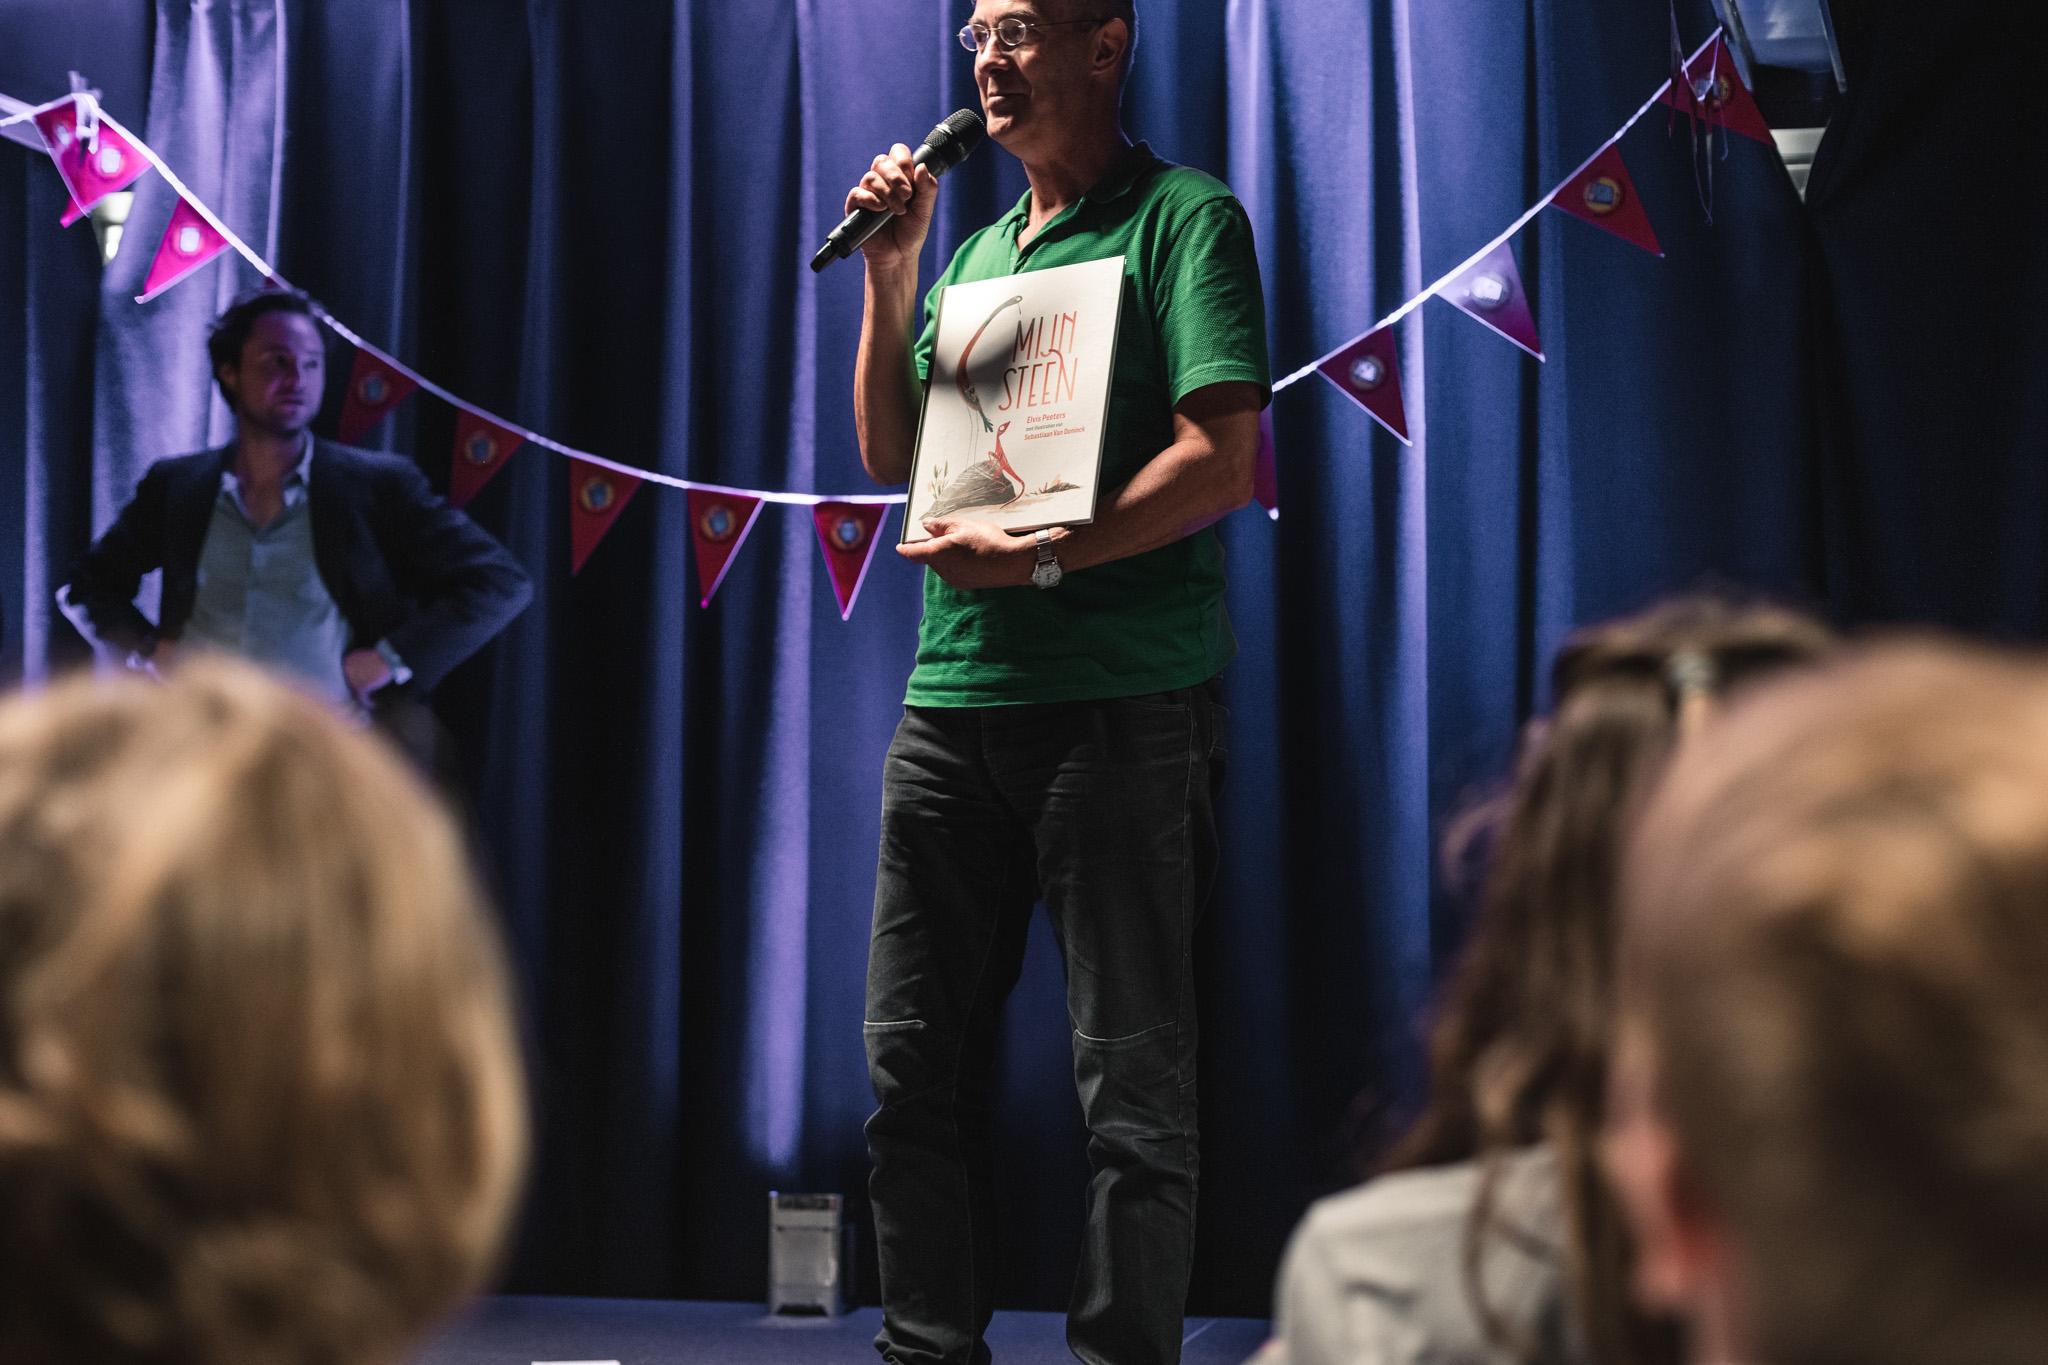 jeugdauteur elvis peeters leest voor op het podium tijdens een slotfeest van de kinder- en jeugdjury